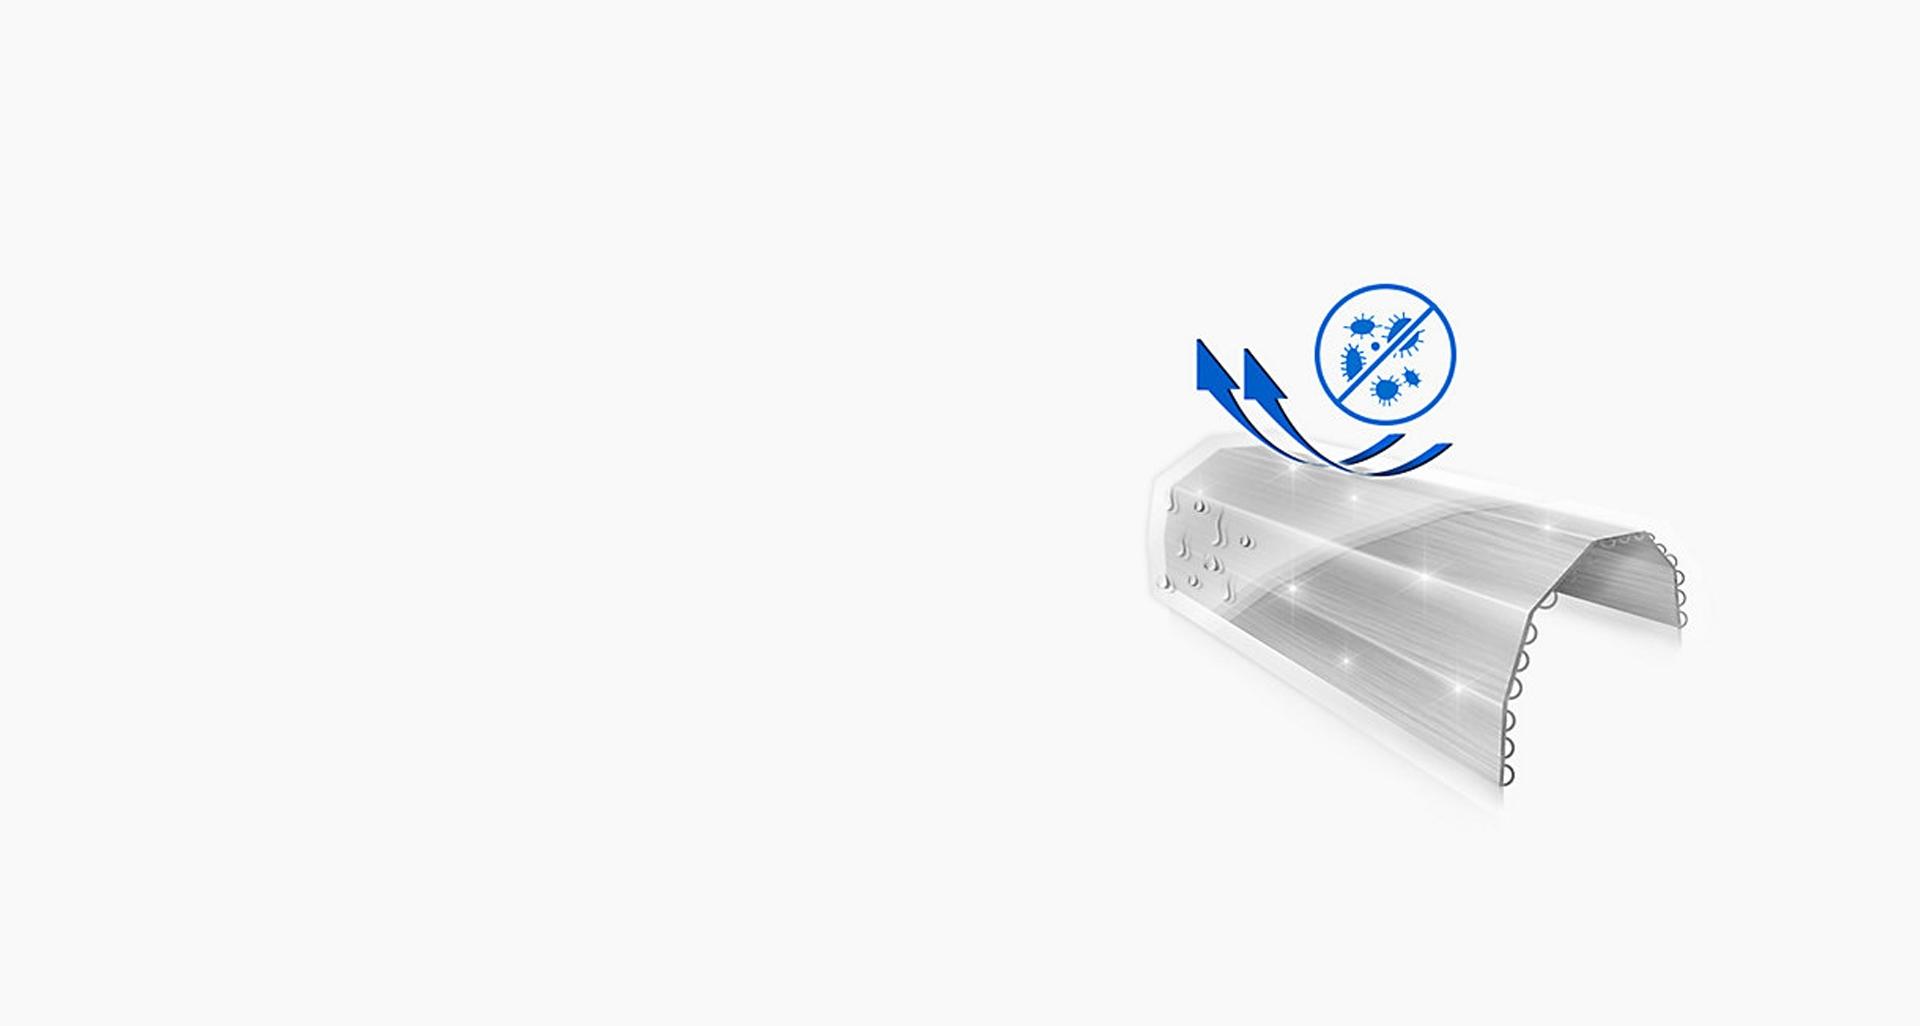 تهویه هوا S-Inverter با قابلیت تمیز کنندگی خودکار